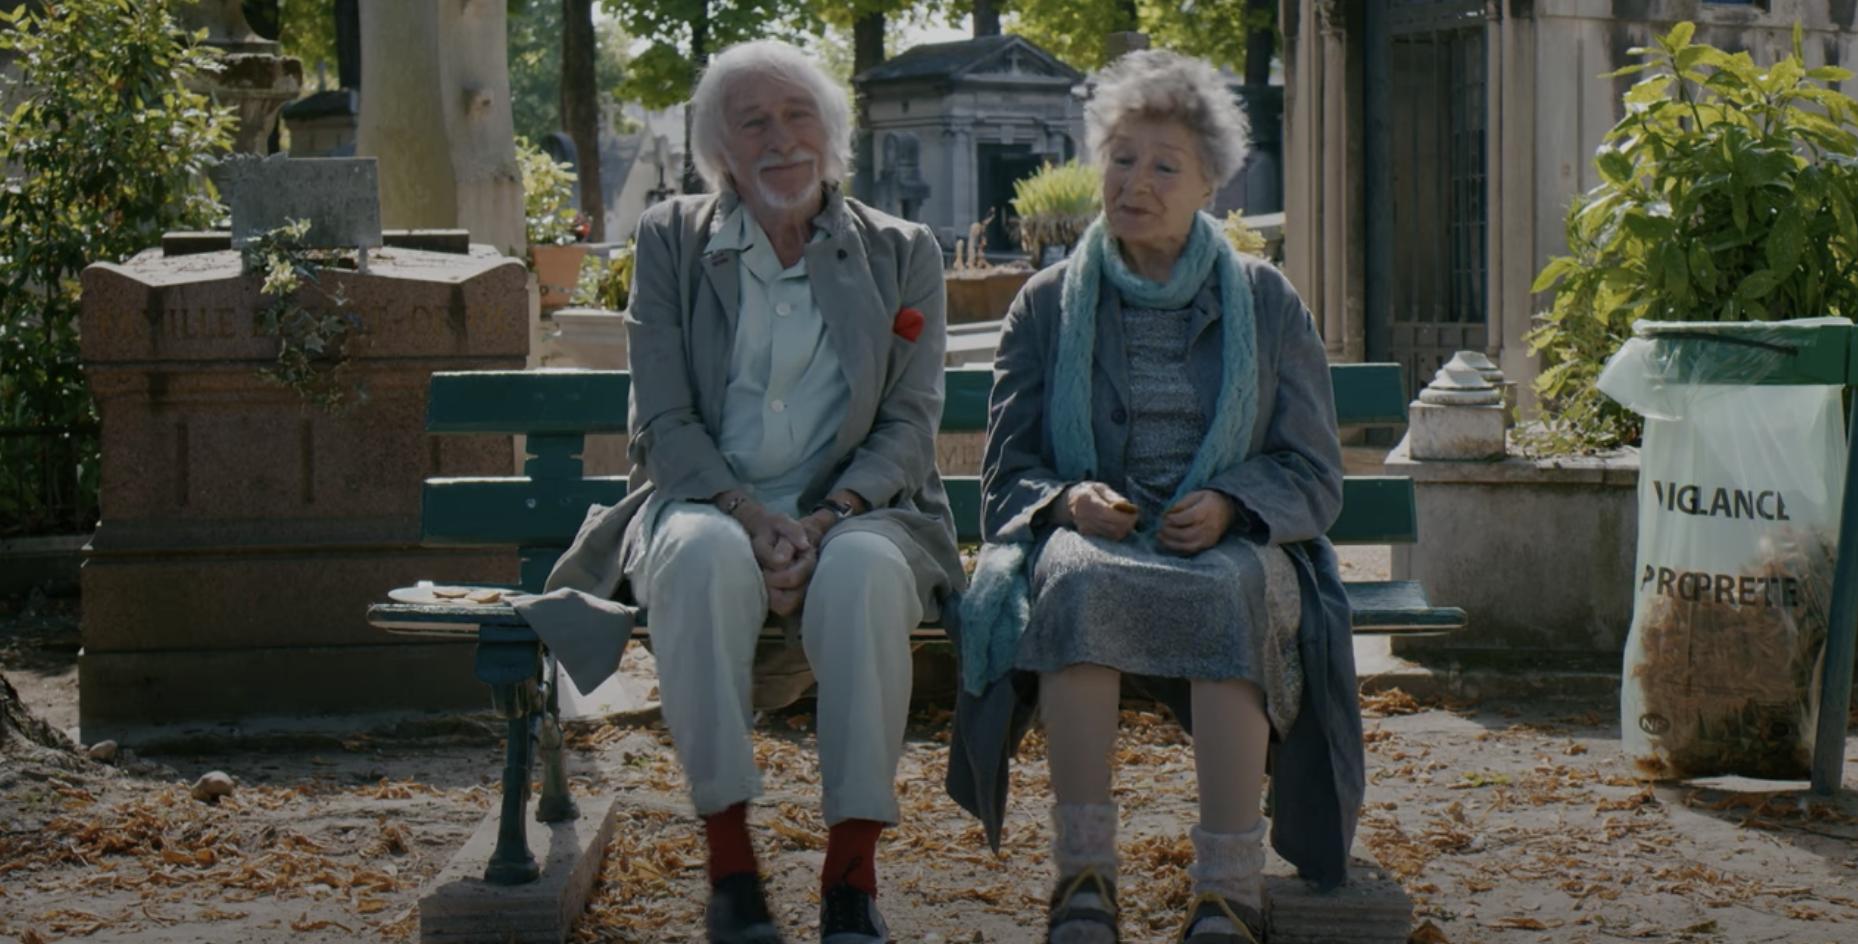 映画|ロスト・イン・パリ(字幕映画)の動画を無料視聴できる配信サイト